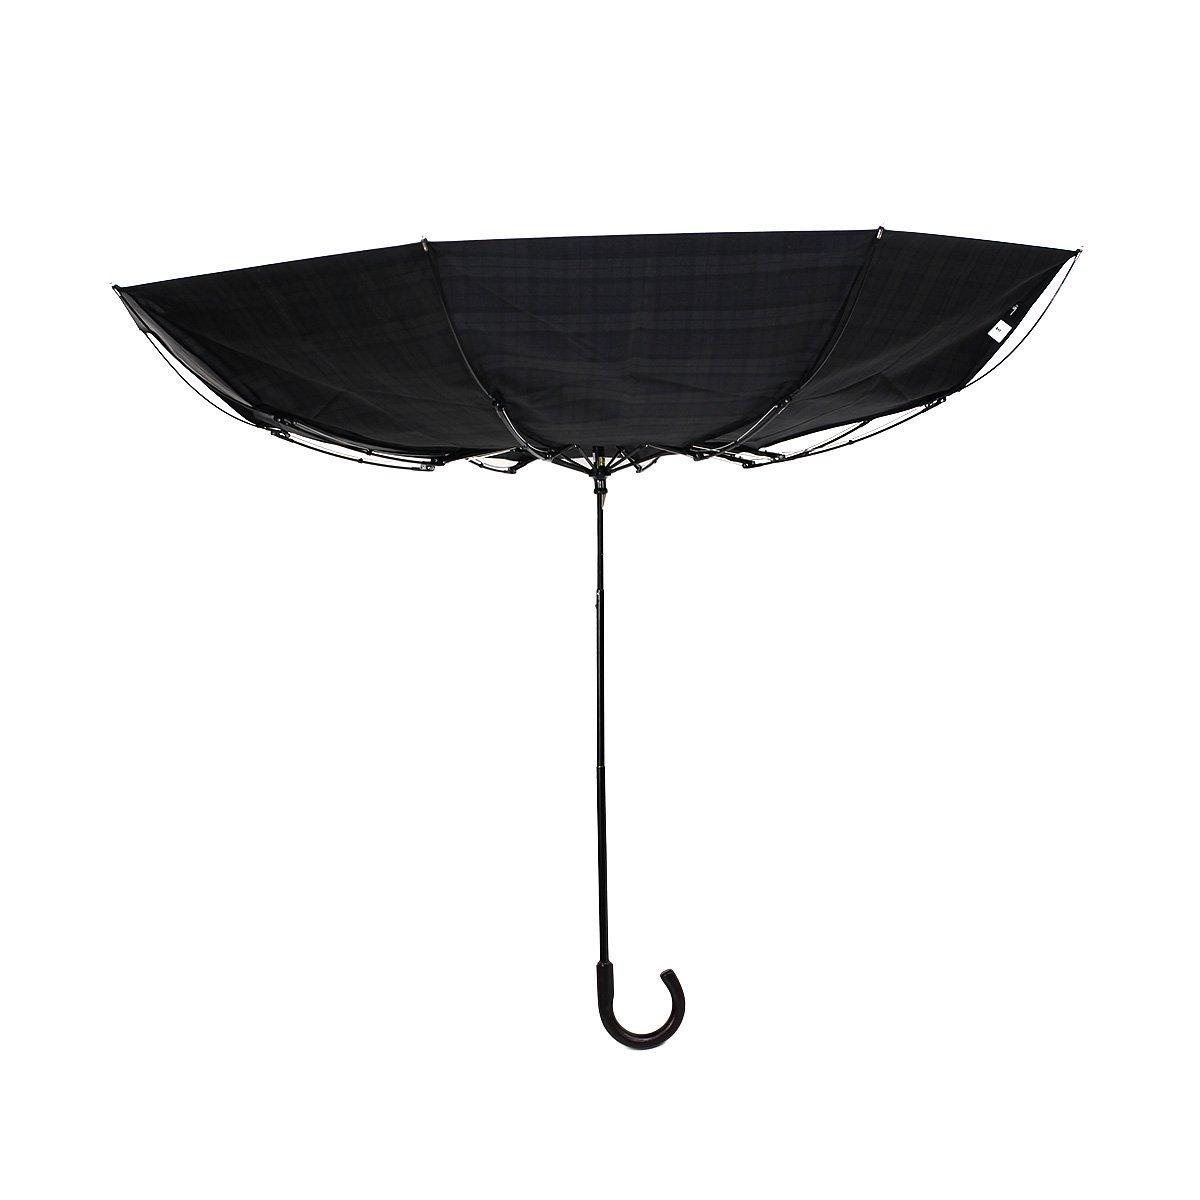 【セール】リング ドット  耐風骨 折りたたみ傘 詳細画像9